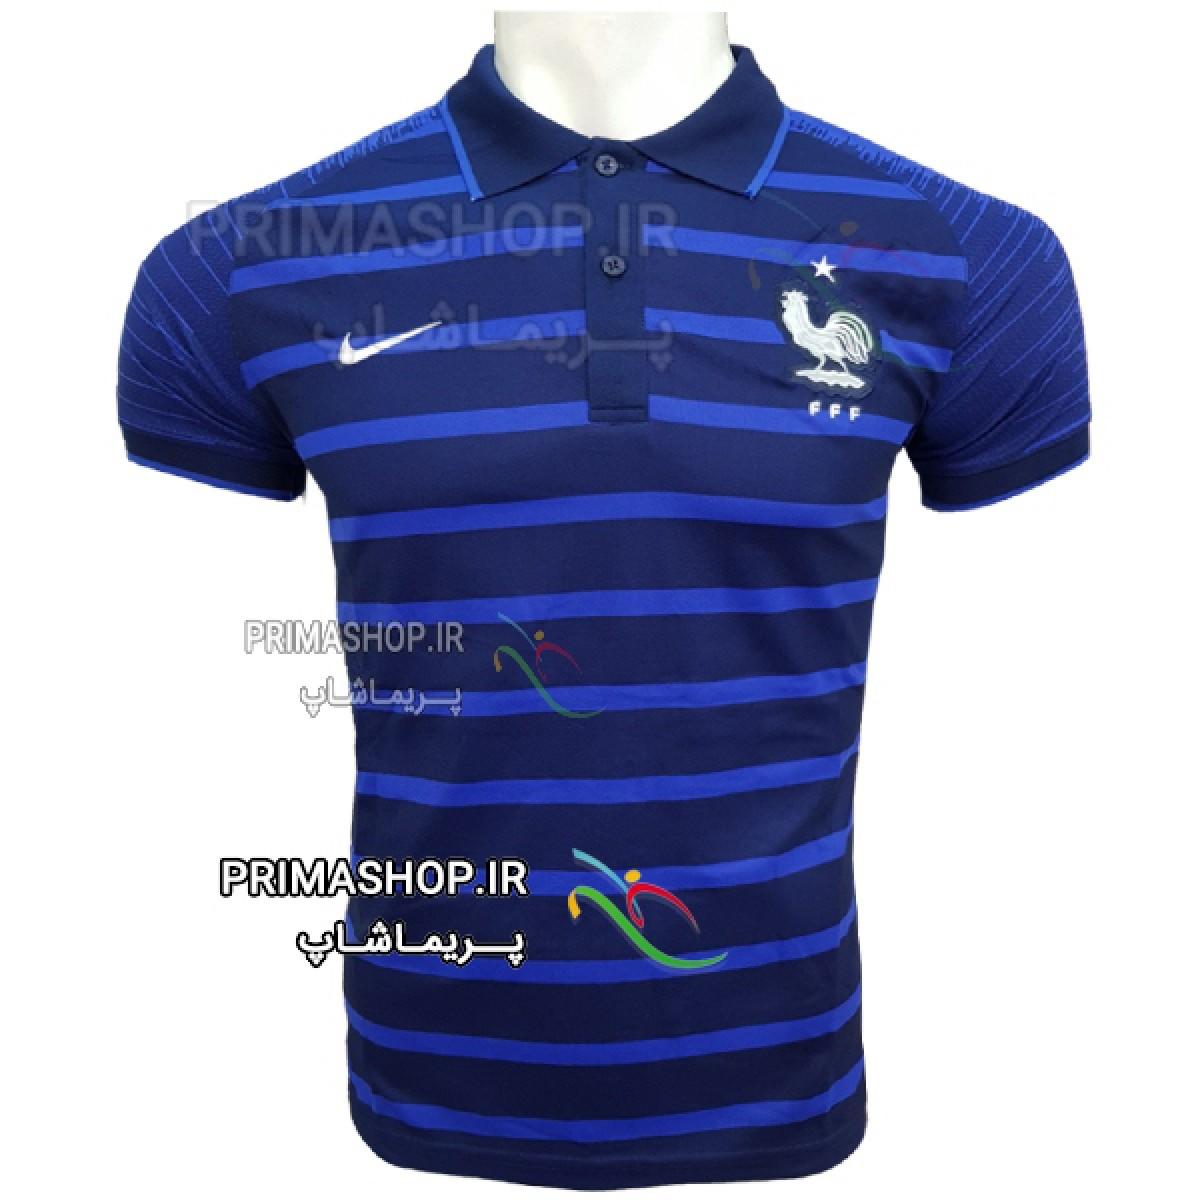 پیراهن هتلی فرانسه آبی سورمه ای 2018 اورجینال تایلندی